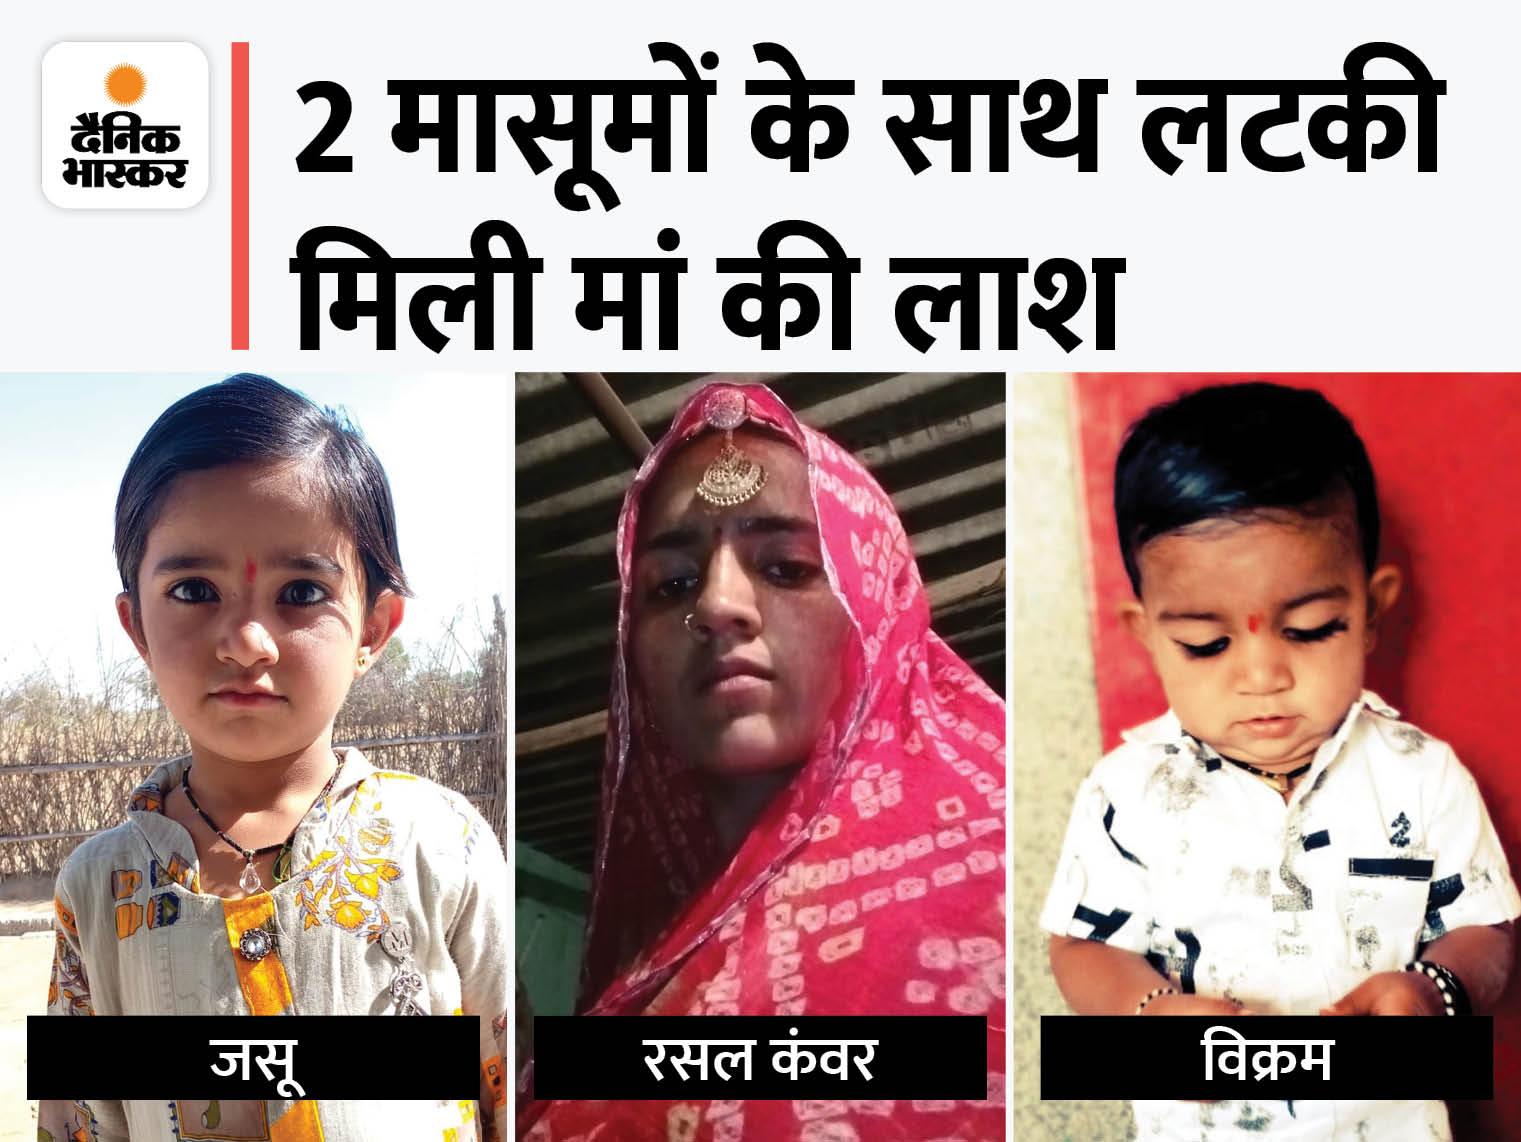 बाड़मेर में विवाहिता ने 2 साल के बेटे और 5 साल की बेटी को फंदे पर लटकाया, फिर खुद फांसी लगा ली; भाई ने किया दहेज हत्या का केस|बाड़मेर,Barmer - Dainik Bhaskar